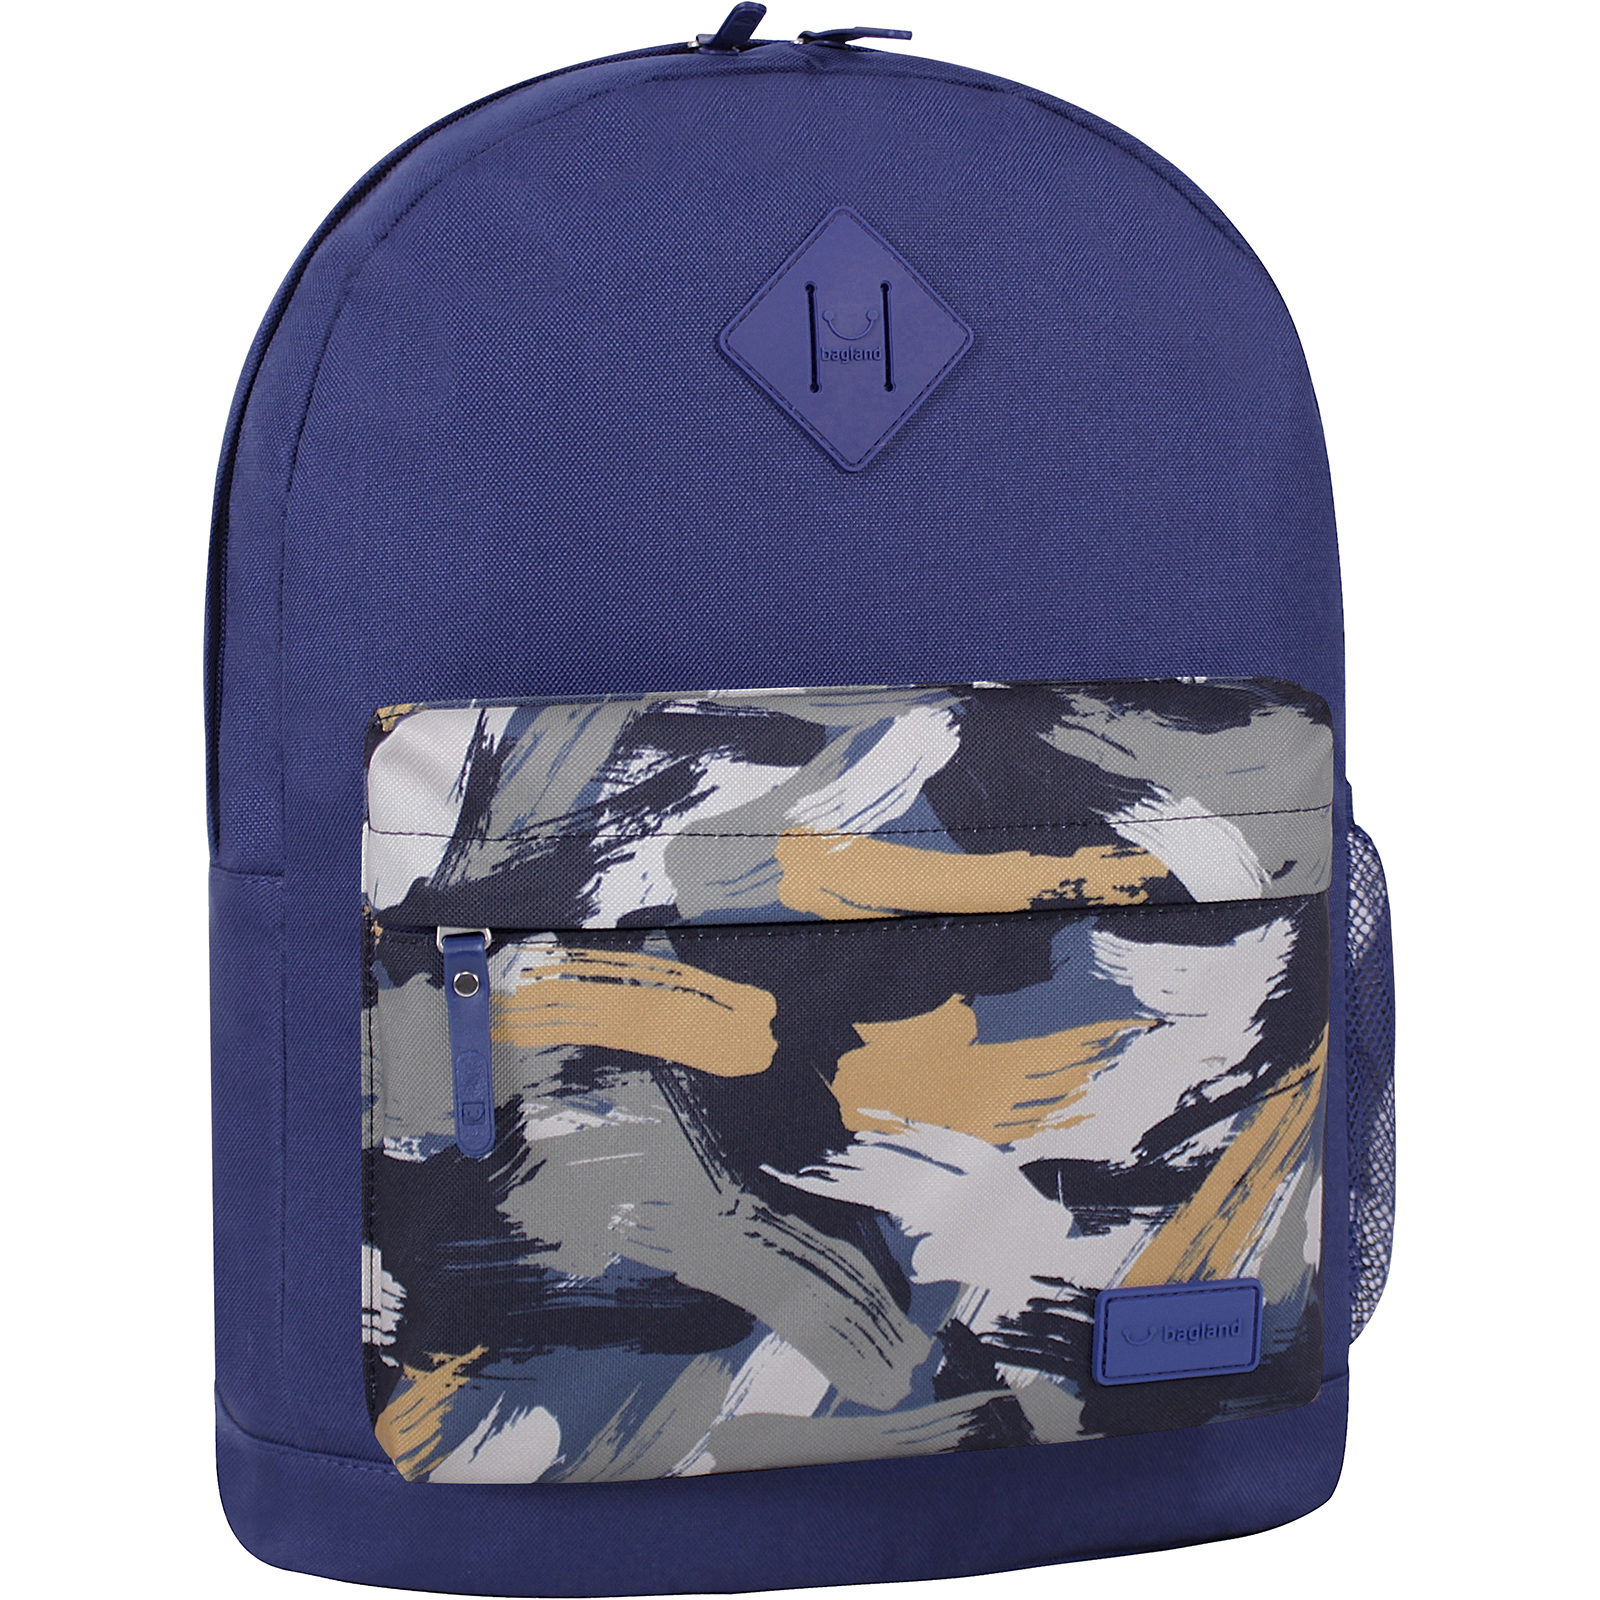 Молодежные рюкзаки Рюкзак Bagland Молодежный W/R 17 л. чернильный 773 (00533662) IMG_6564_суб.773_.JPG